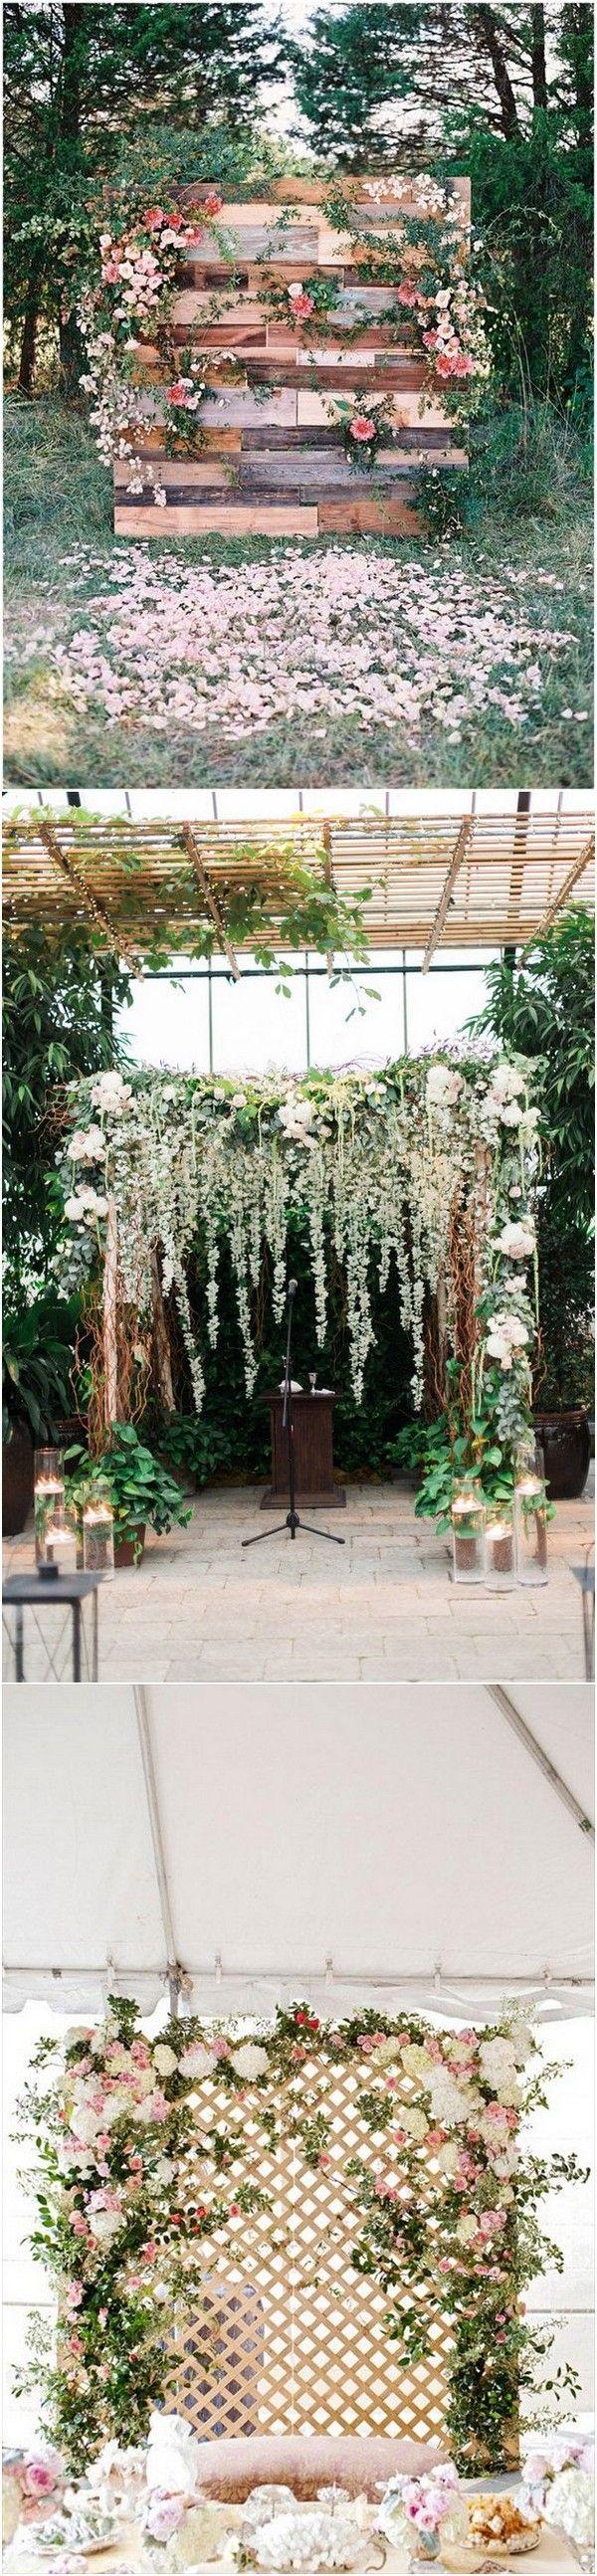 Flower wall wedding backdrops for 2018 #wedding #weddingideas #weddingdecor